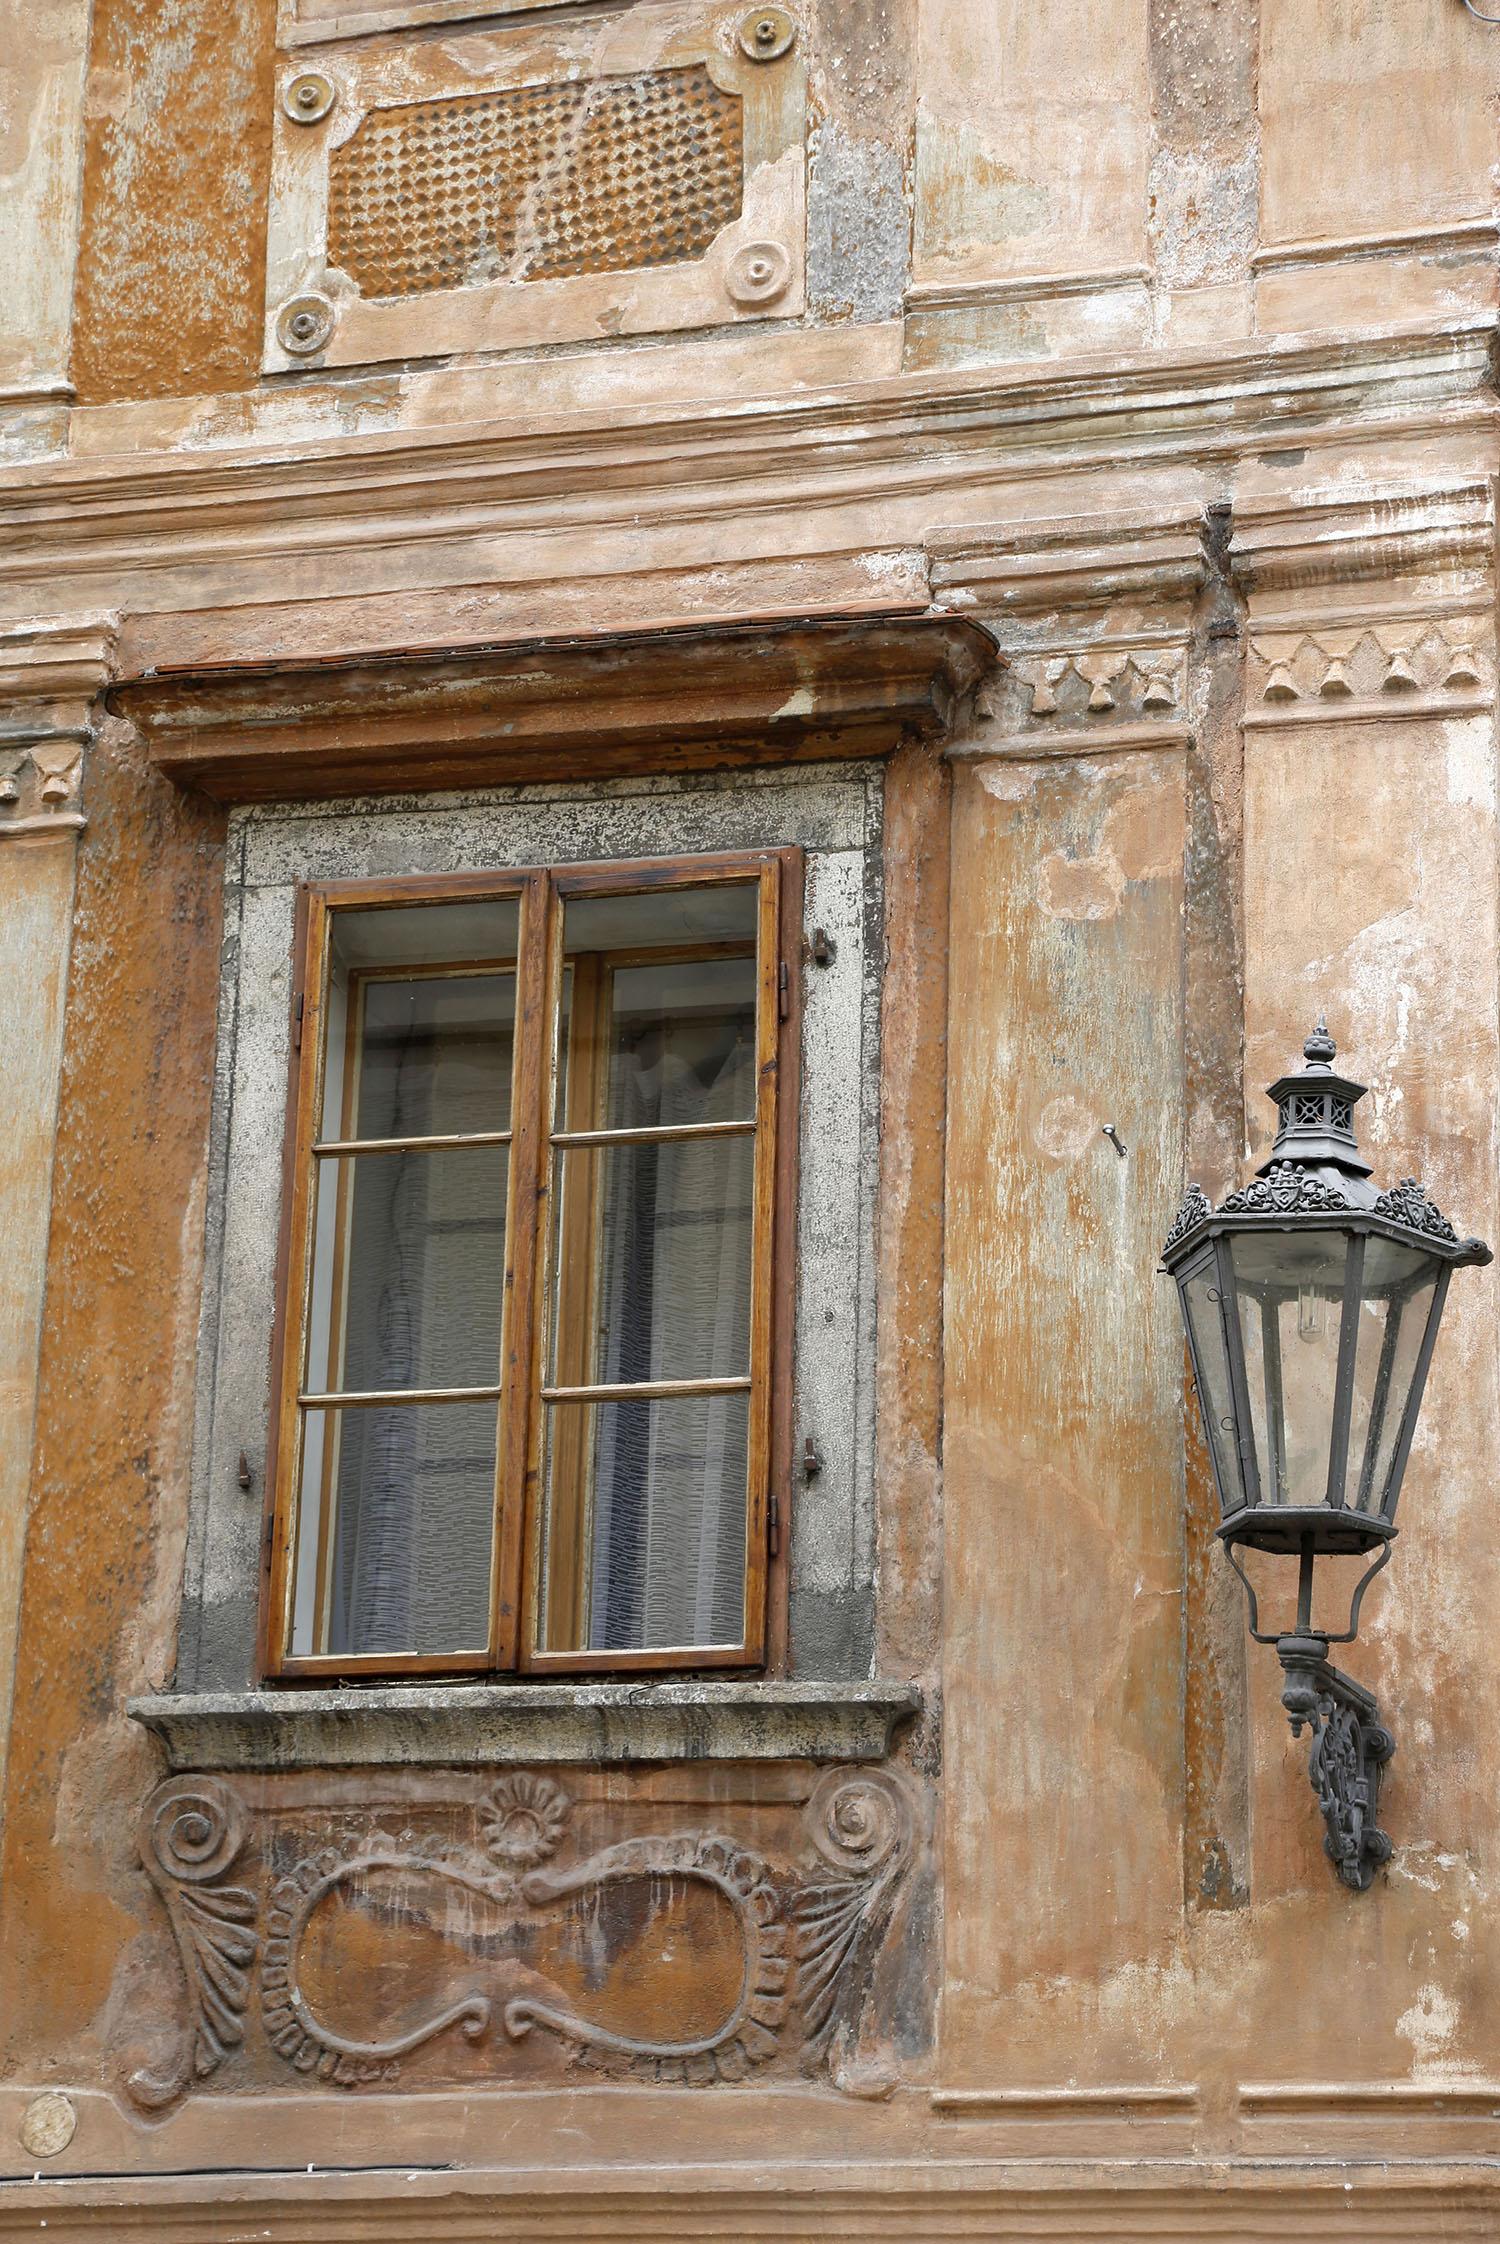 The Cesky Window